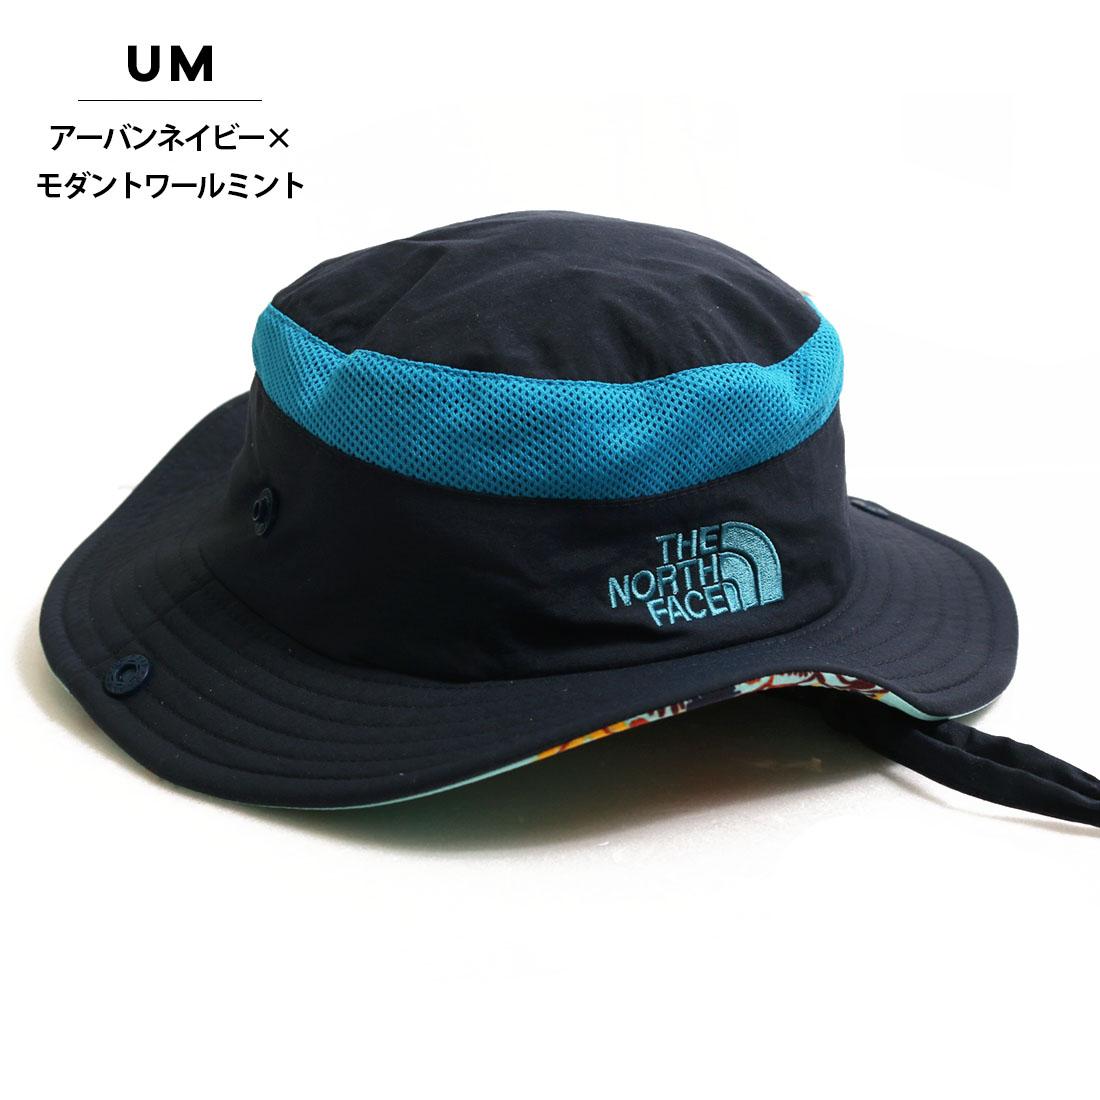 ノースフェイス THE NORTH FACE【送料無料】○新作○Kids' Novelty Sunsheild Hat(47-56cm)サンシェードハット キッズ 帽子 メール便可 NNJ01906